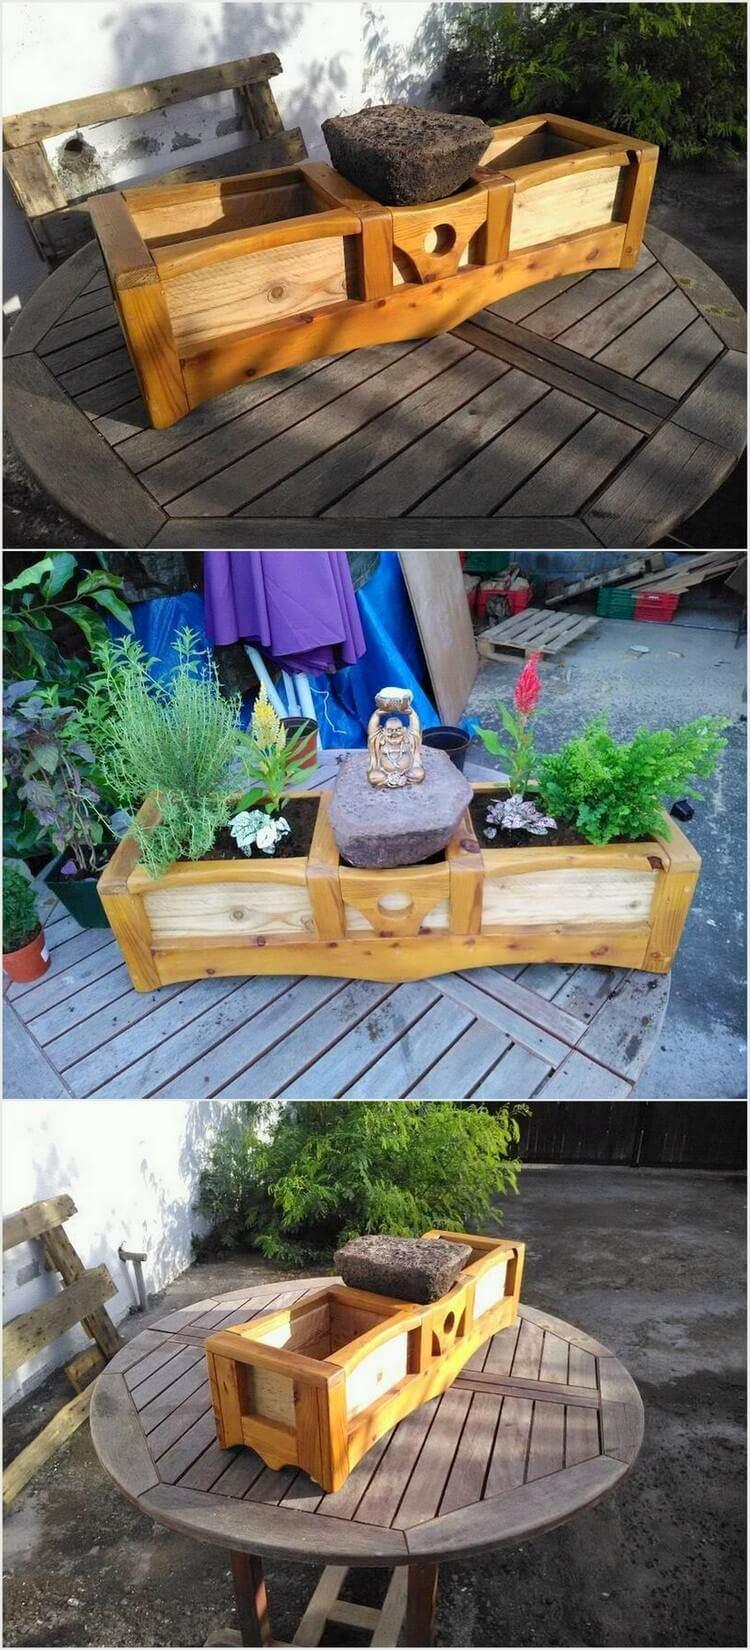 Superb Reusing Ideas For Old Wooden Pallets Pallet Wood